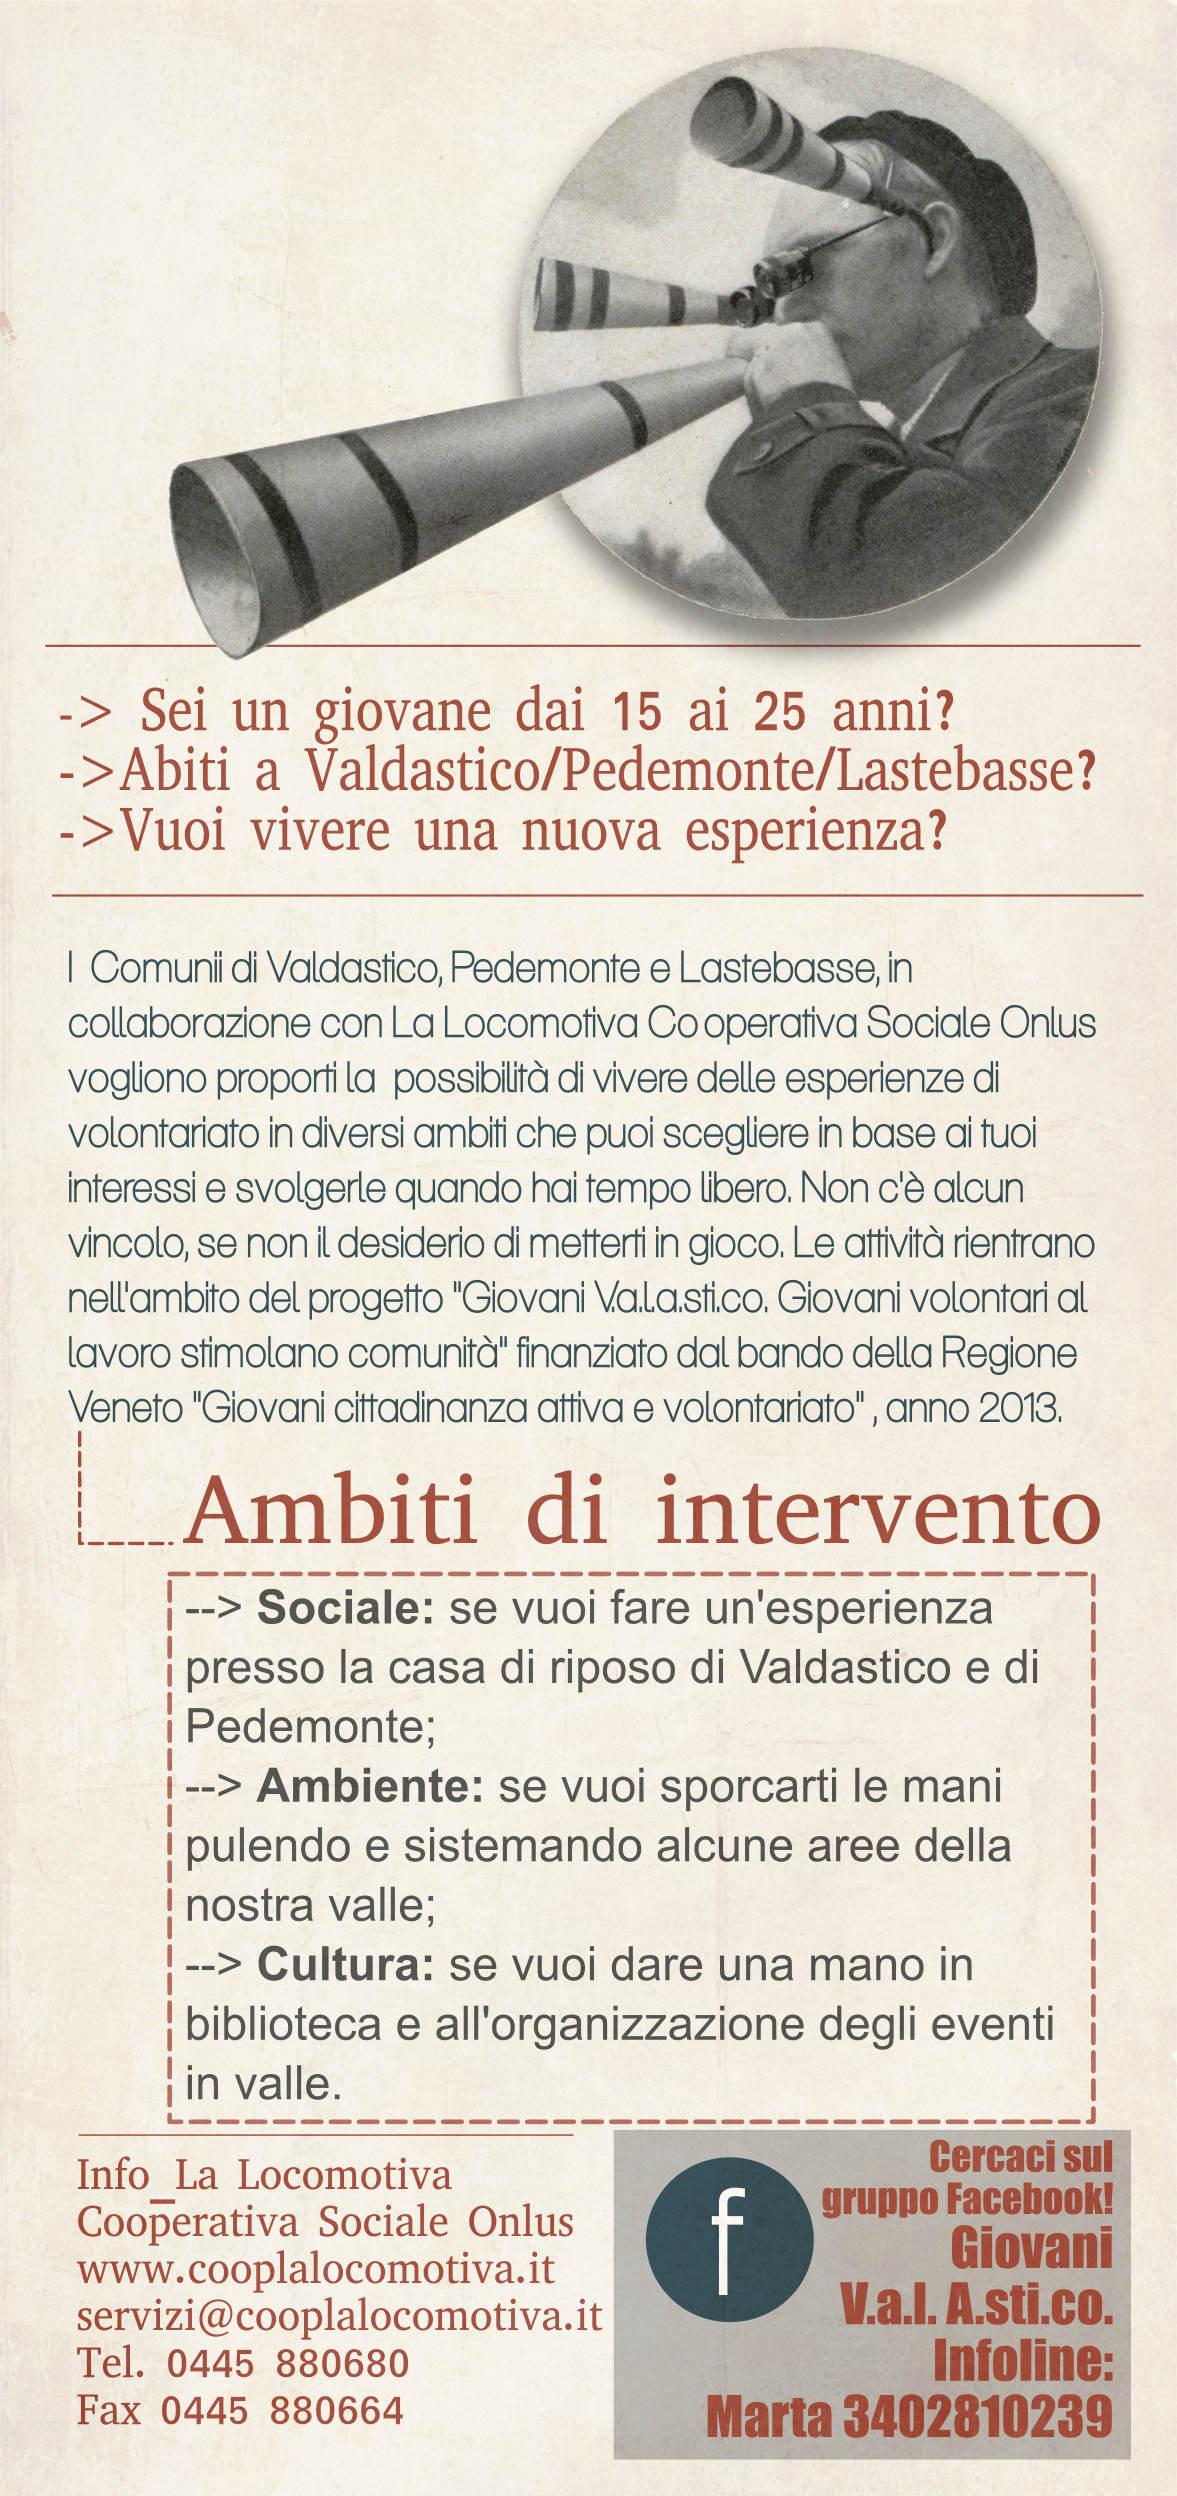 volantino_volontariato_retro_valdastico_giovani